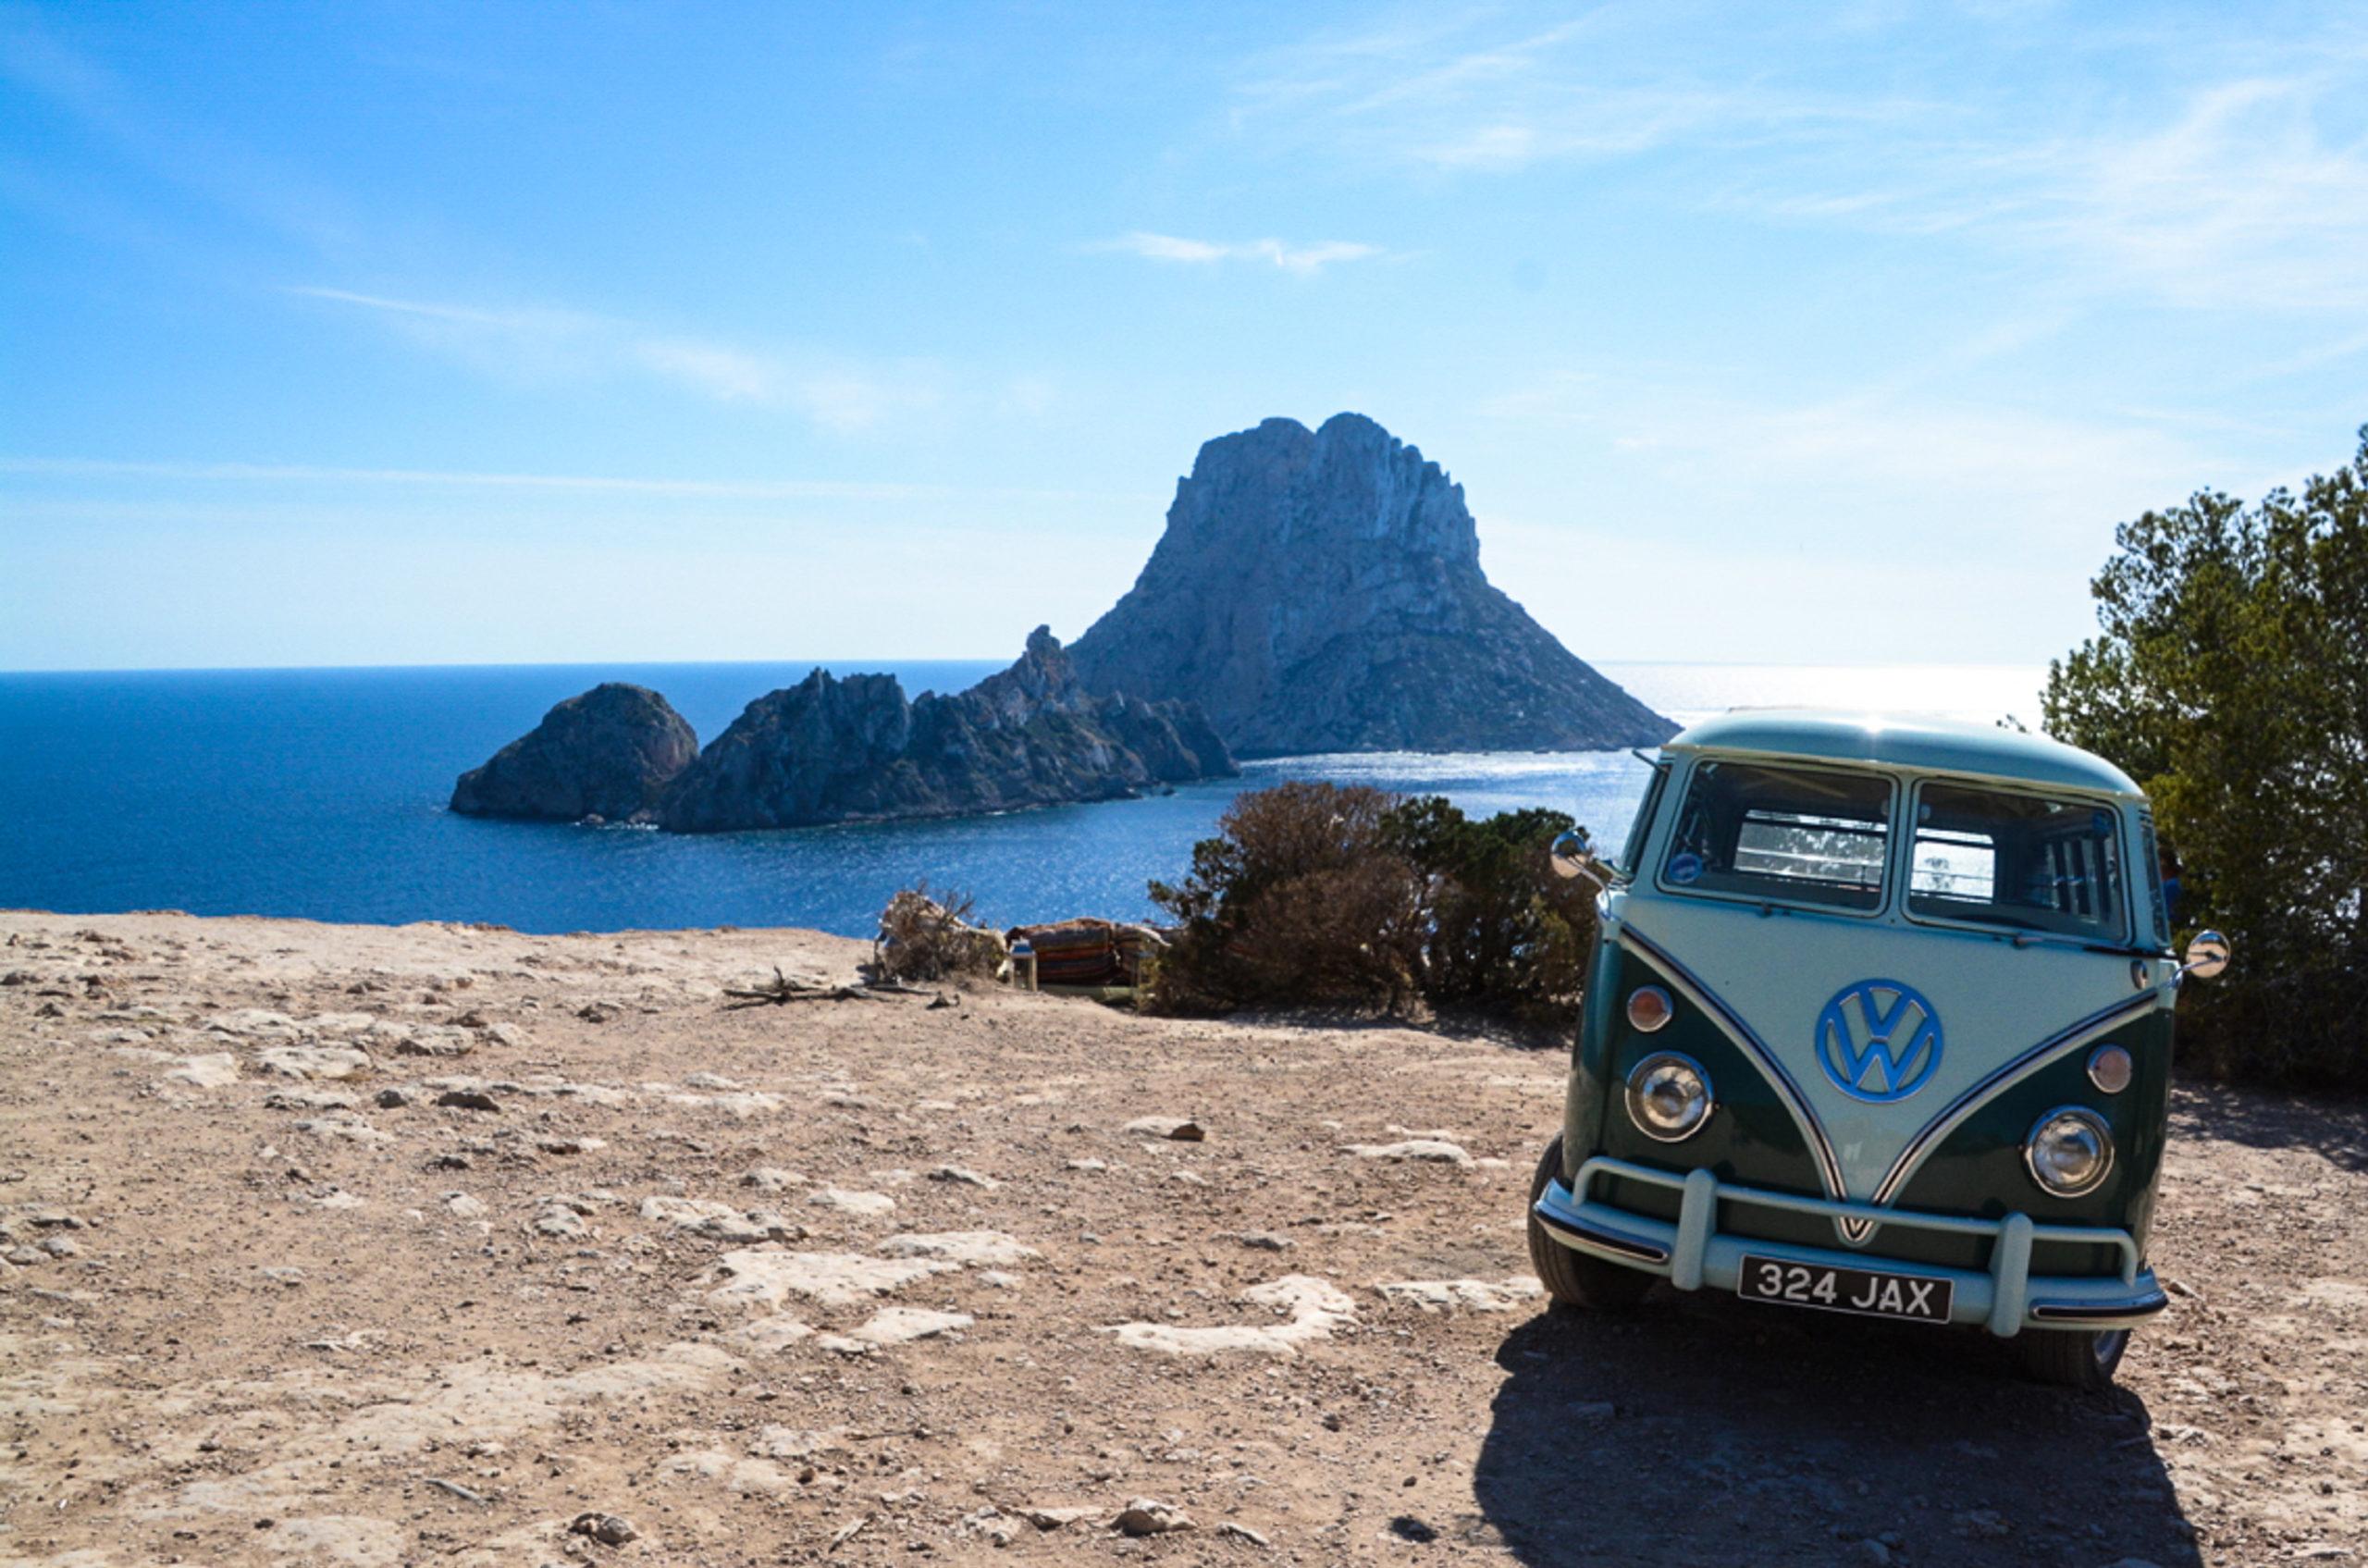 Ein VW Bully auf einem Felsen mit Blick auf Es Vedra auf Ibiza